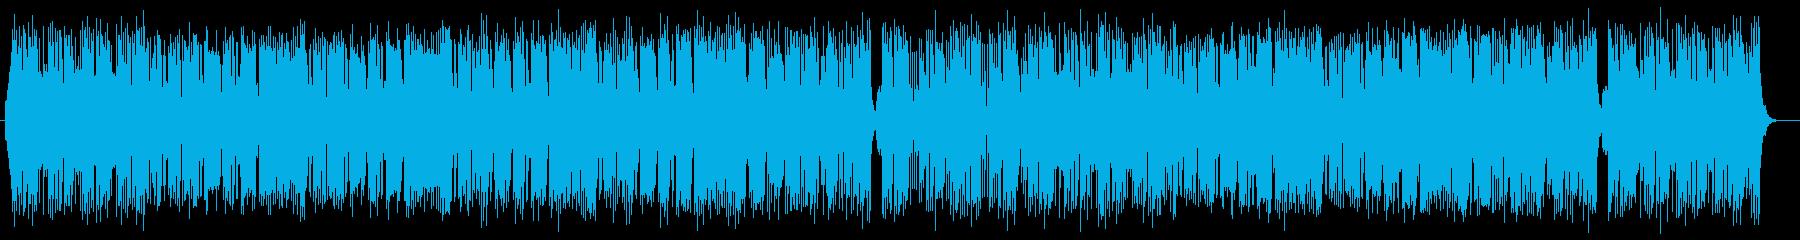 爽やかでアーバンなシンセサイザーサウンドの再生済みの波形